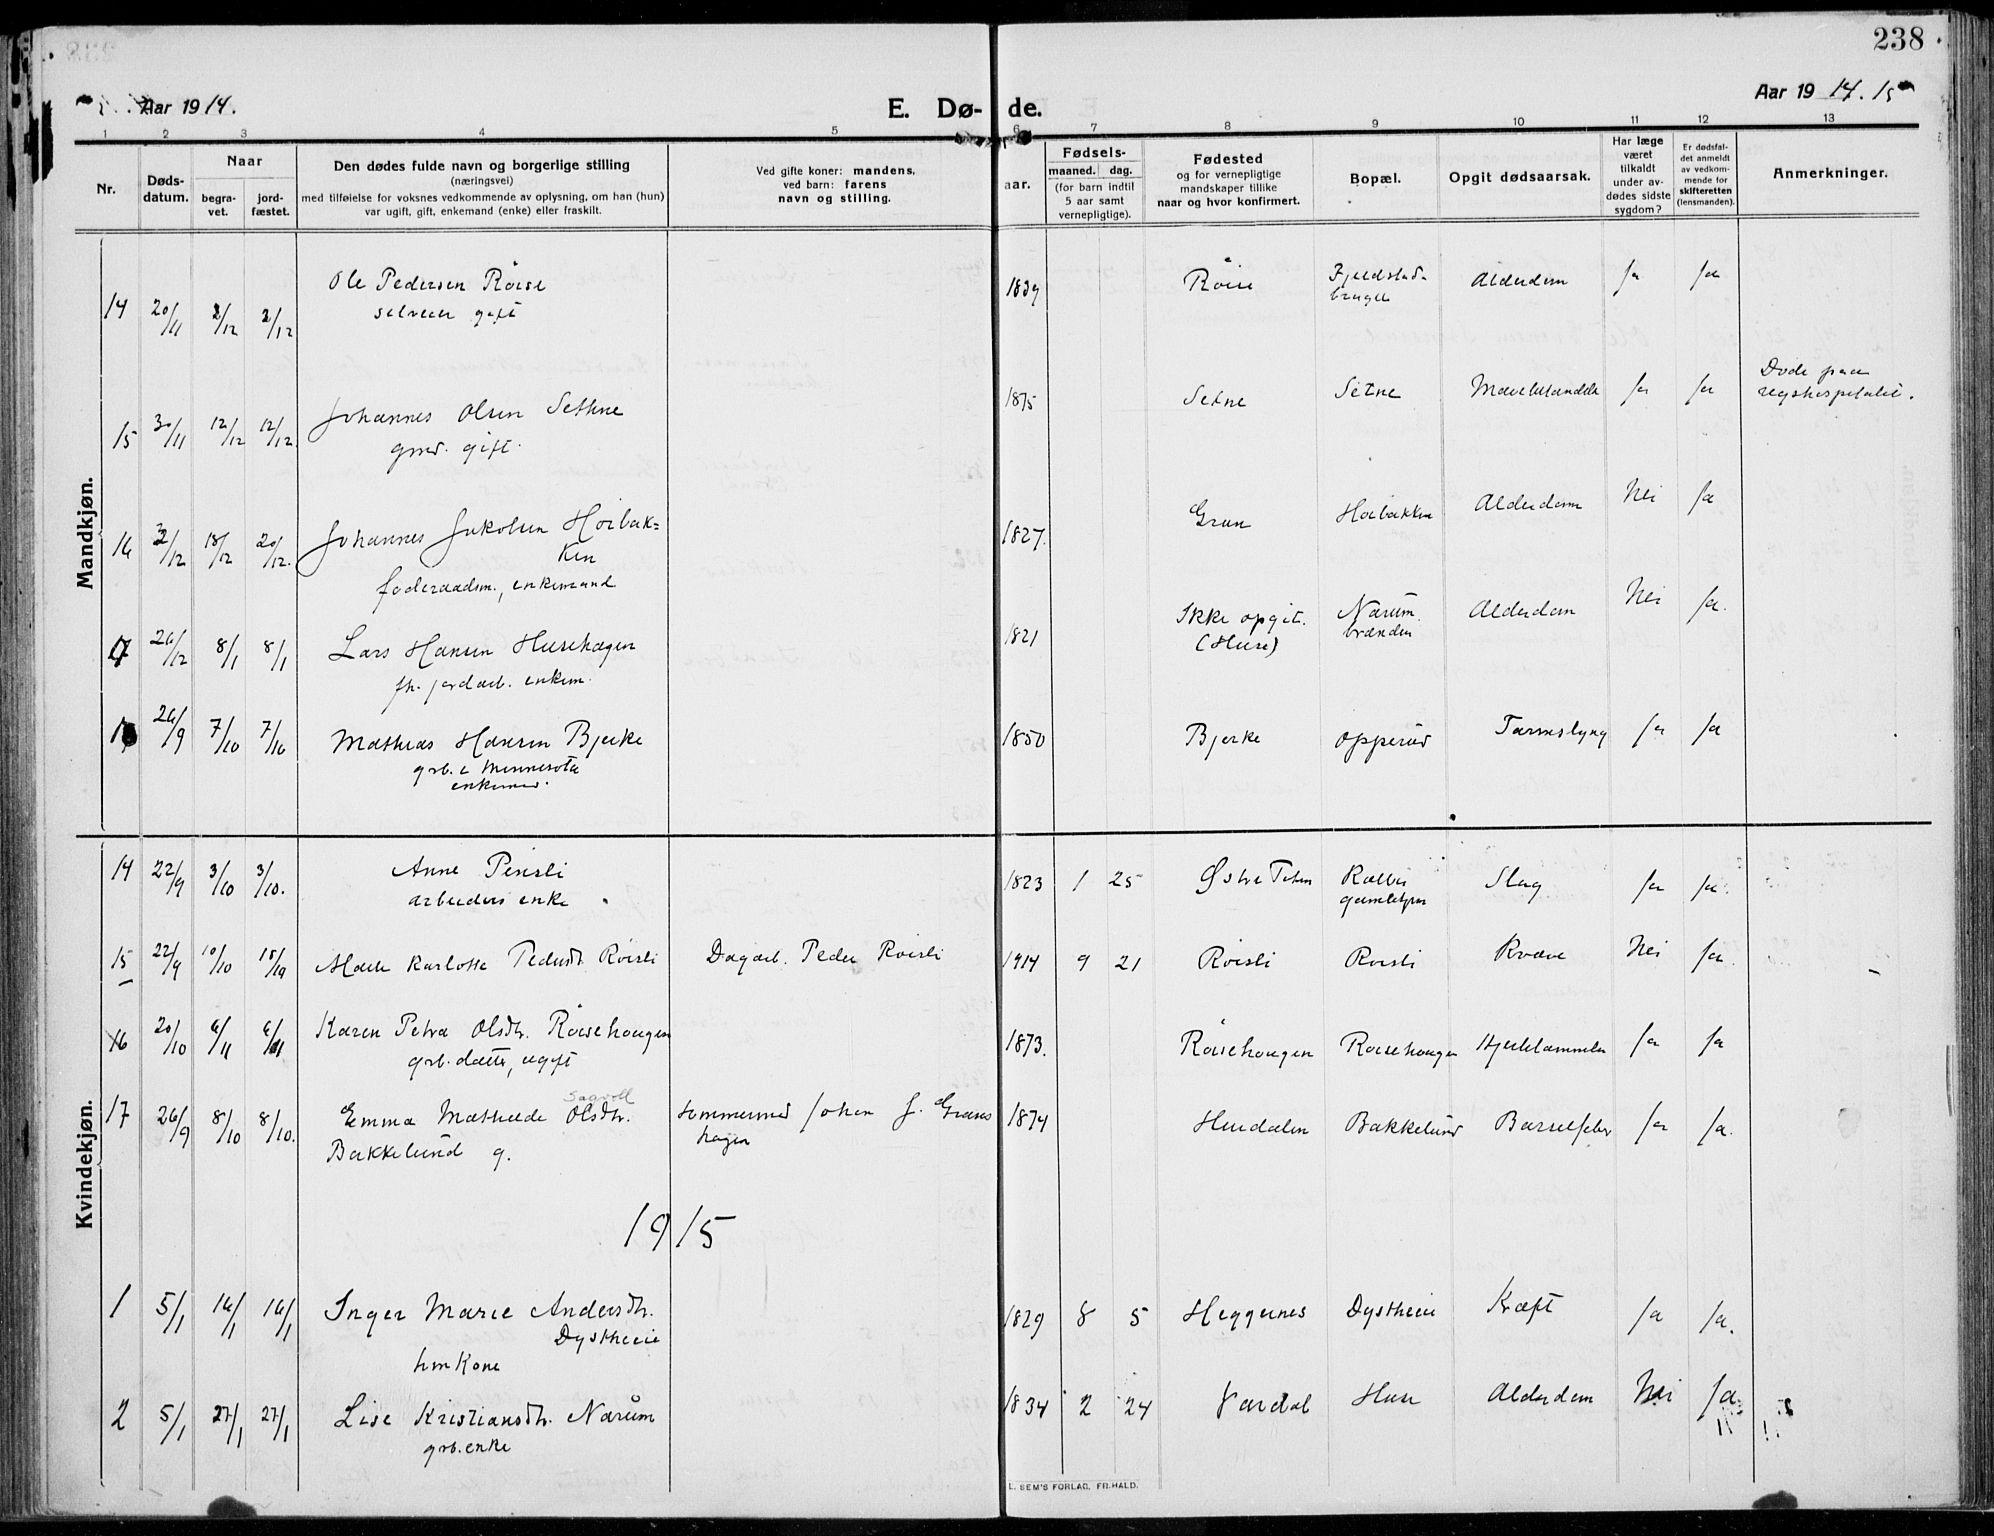 SAH, Kolbu prestekontor, Ministerialbok nr. 2, 1912-1926, s. 238